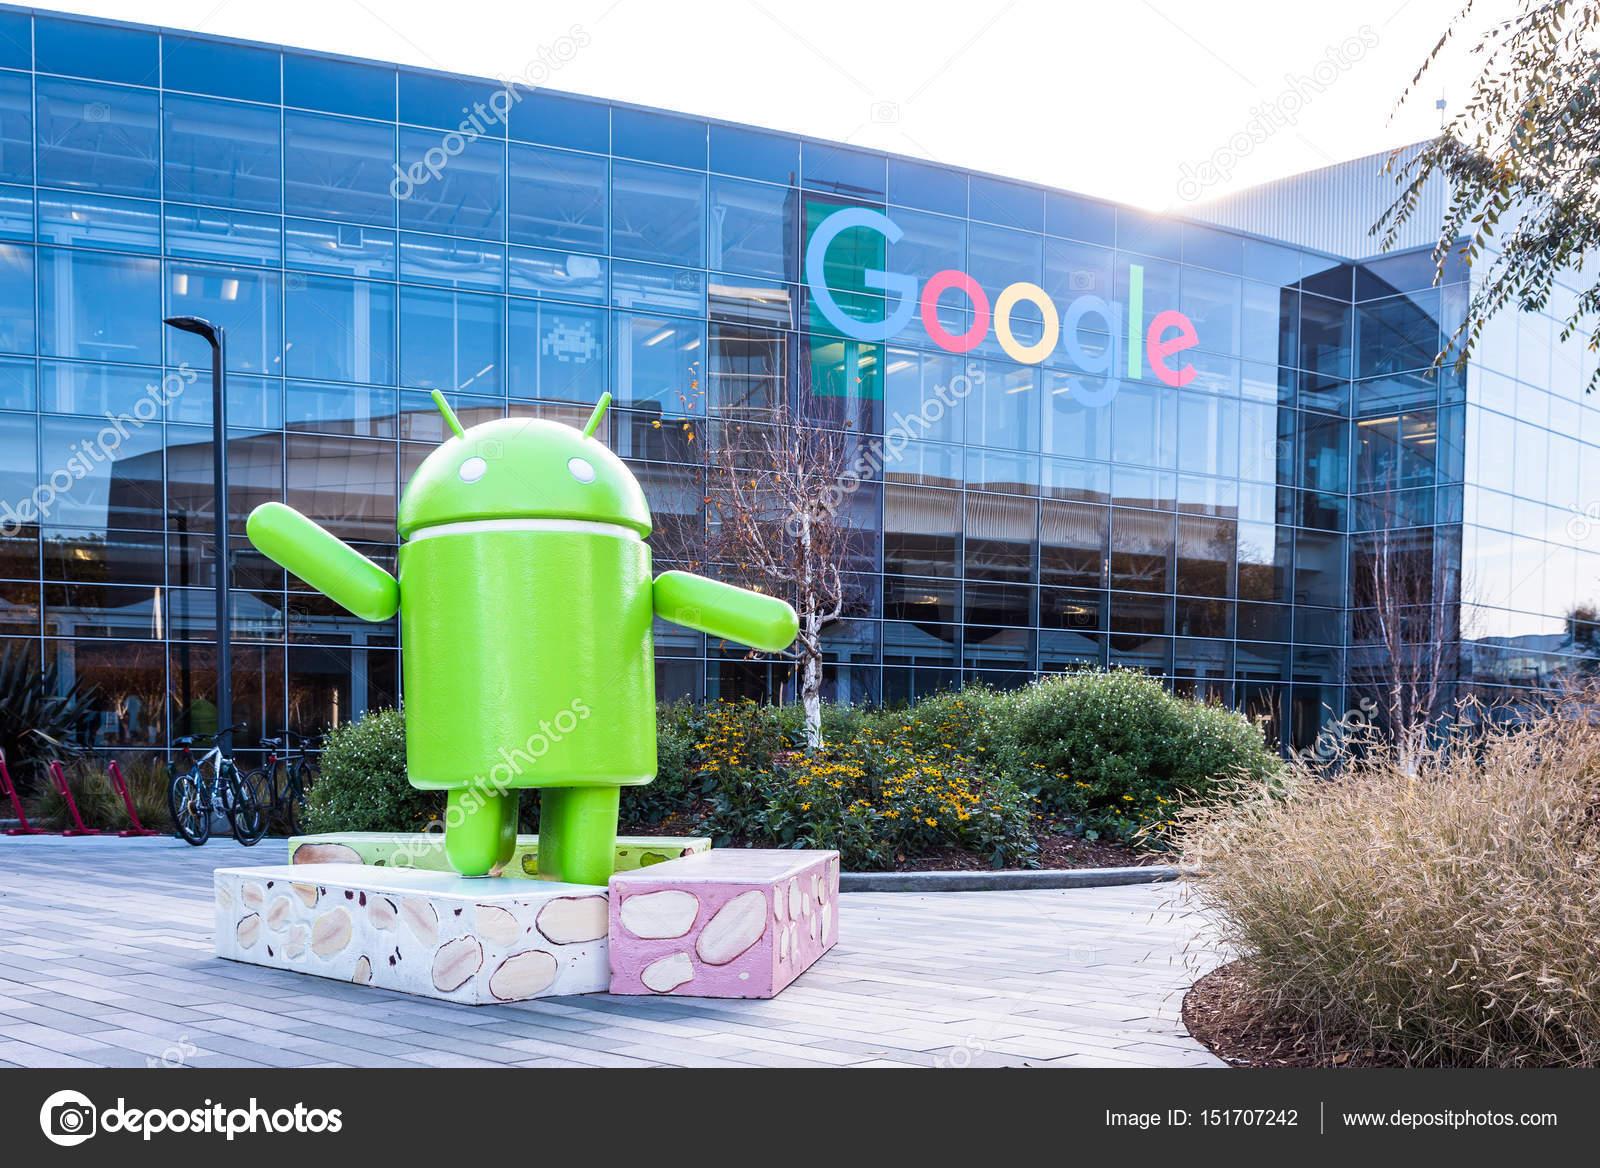 Google Hoofdkwartier Londen : Googleplex hoofdkantoor van google met android figuur